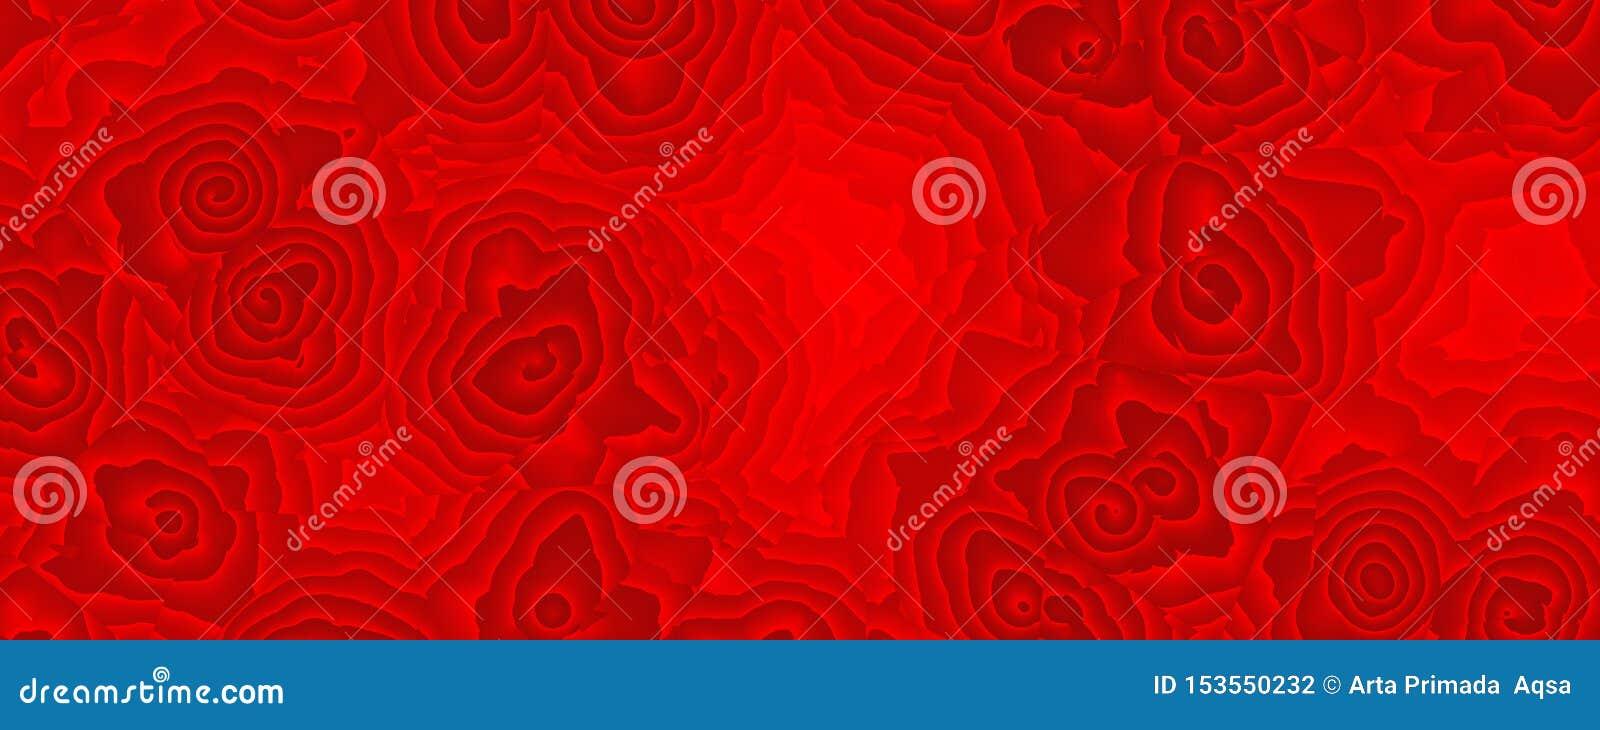 Malendes abstraktes rotes rosafarbenes Muster